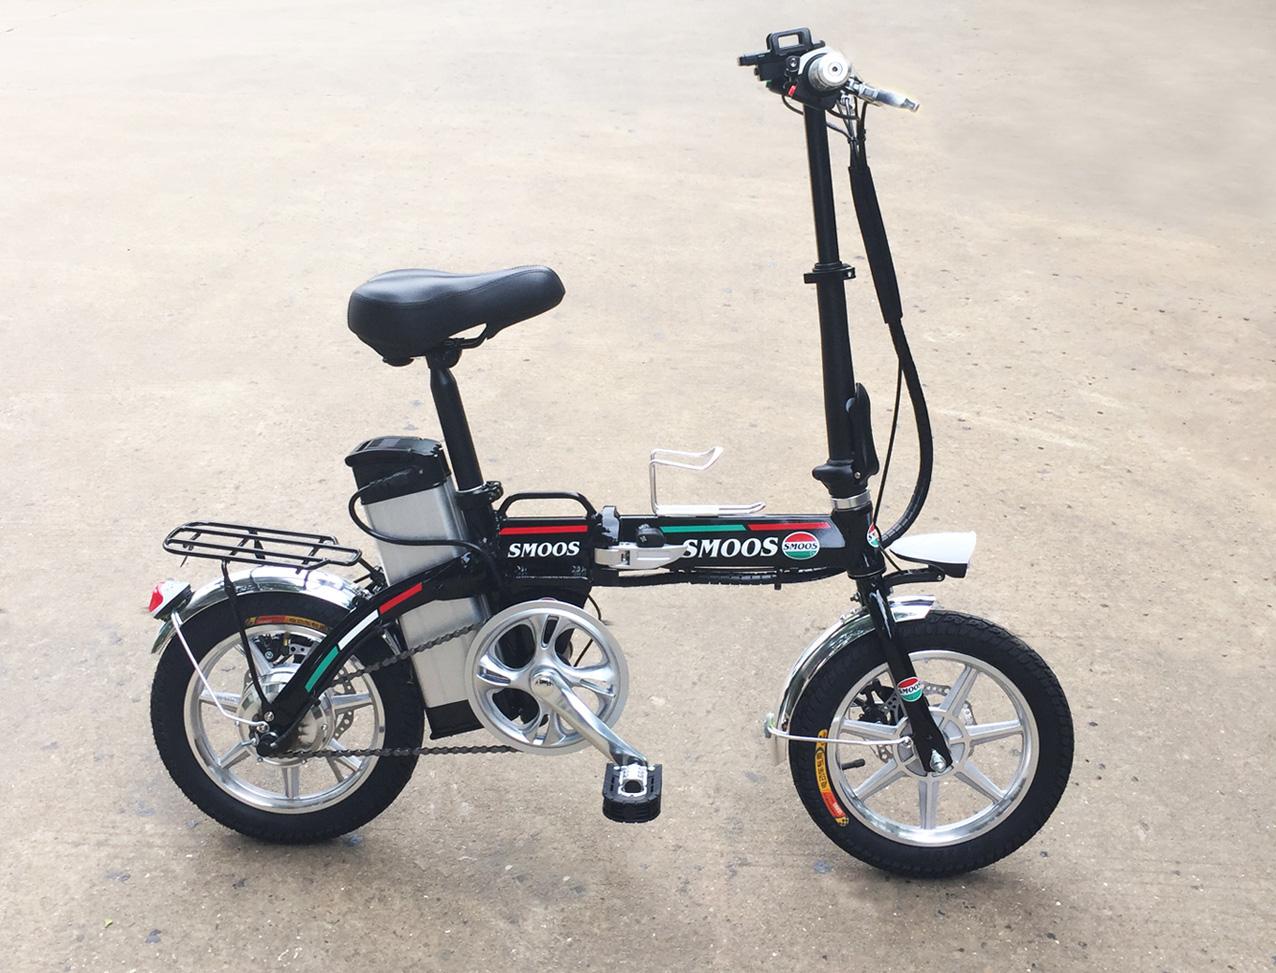 ★軽くて小型折りたたみ★フルアルミ大容量48V13.2AHモペット電動自転車SMART-14インチ,スマホホルダー付き